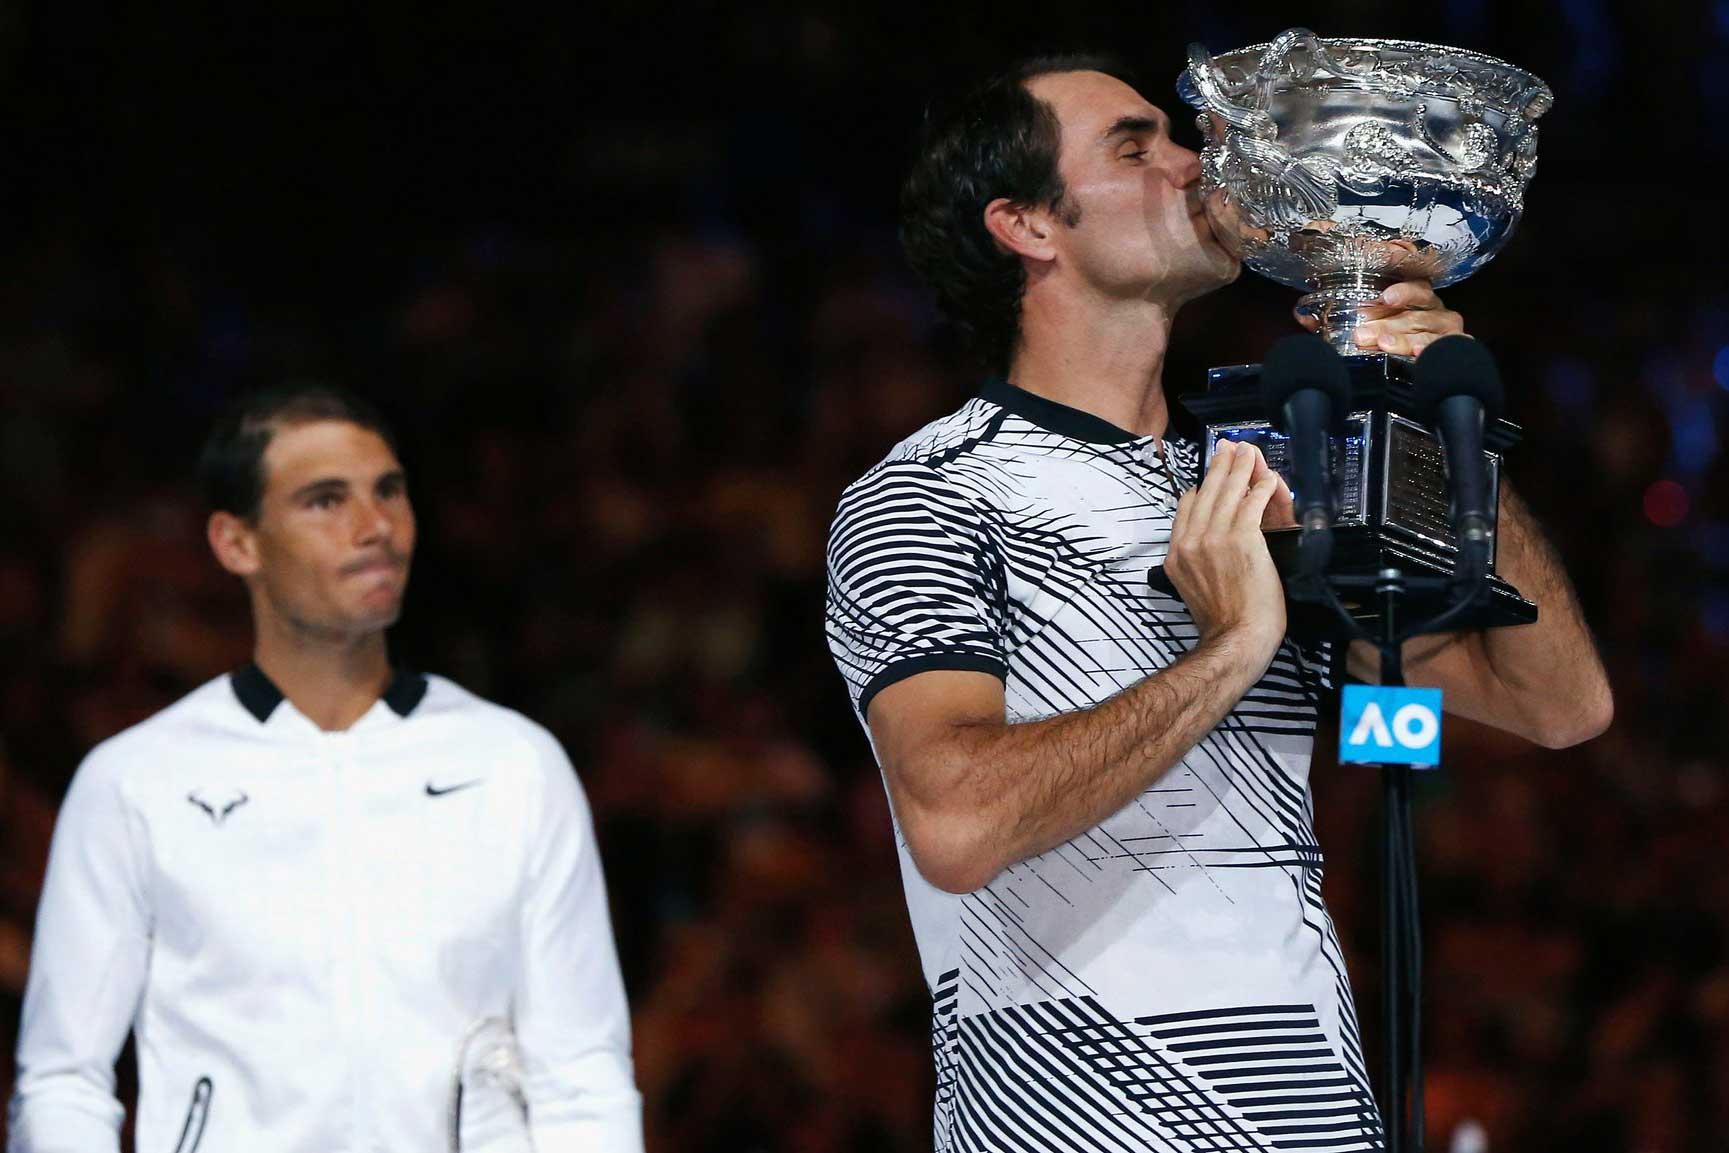 Federer wins 2017 Australian Open